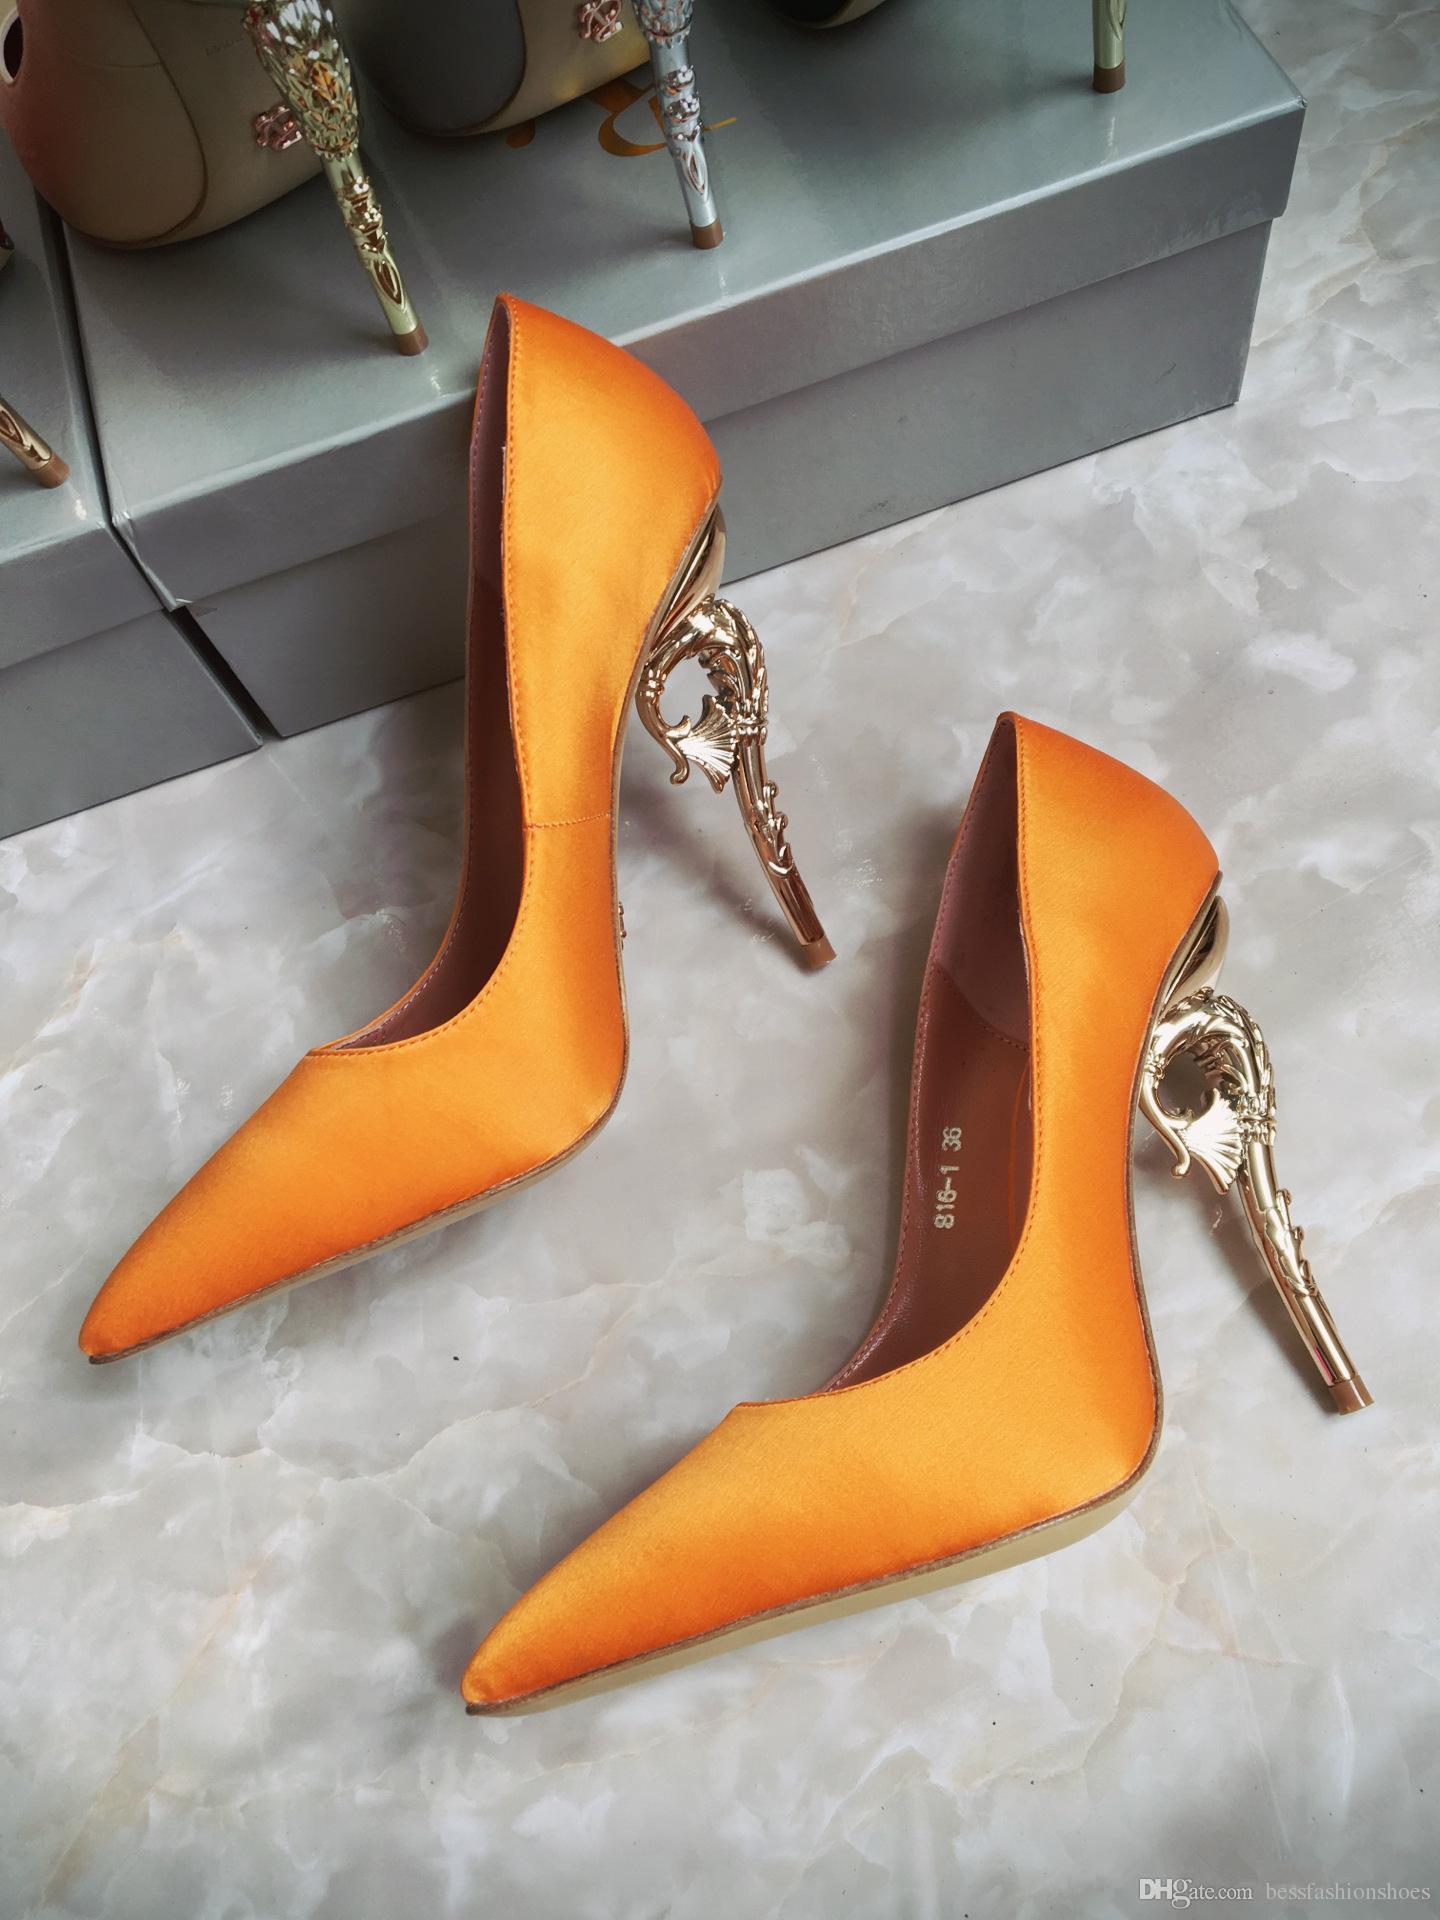 Ральф Руссо Haute Couture коллекция обуви синий атлас барокко насосы изумрудный атлас с желтым золотом каблук свадебные туфли для современных невест